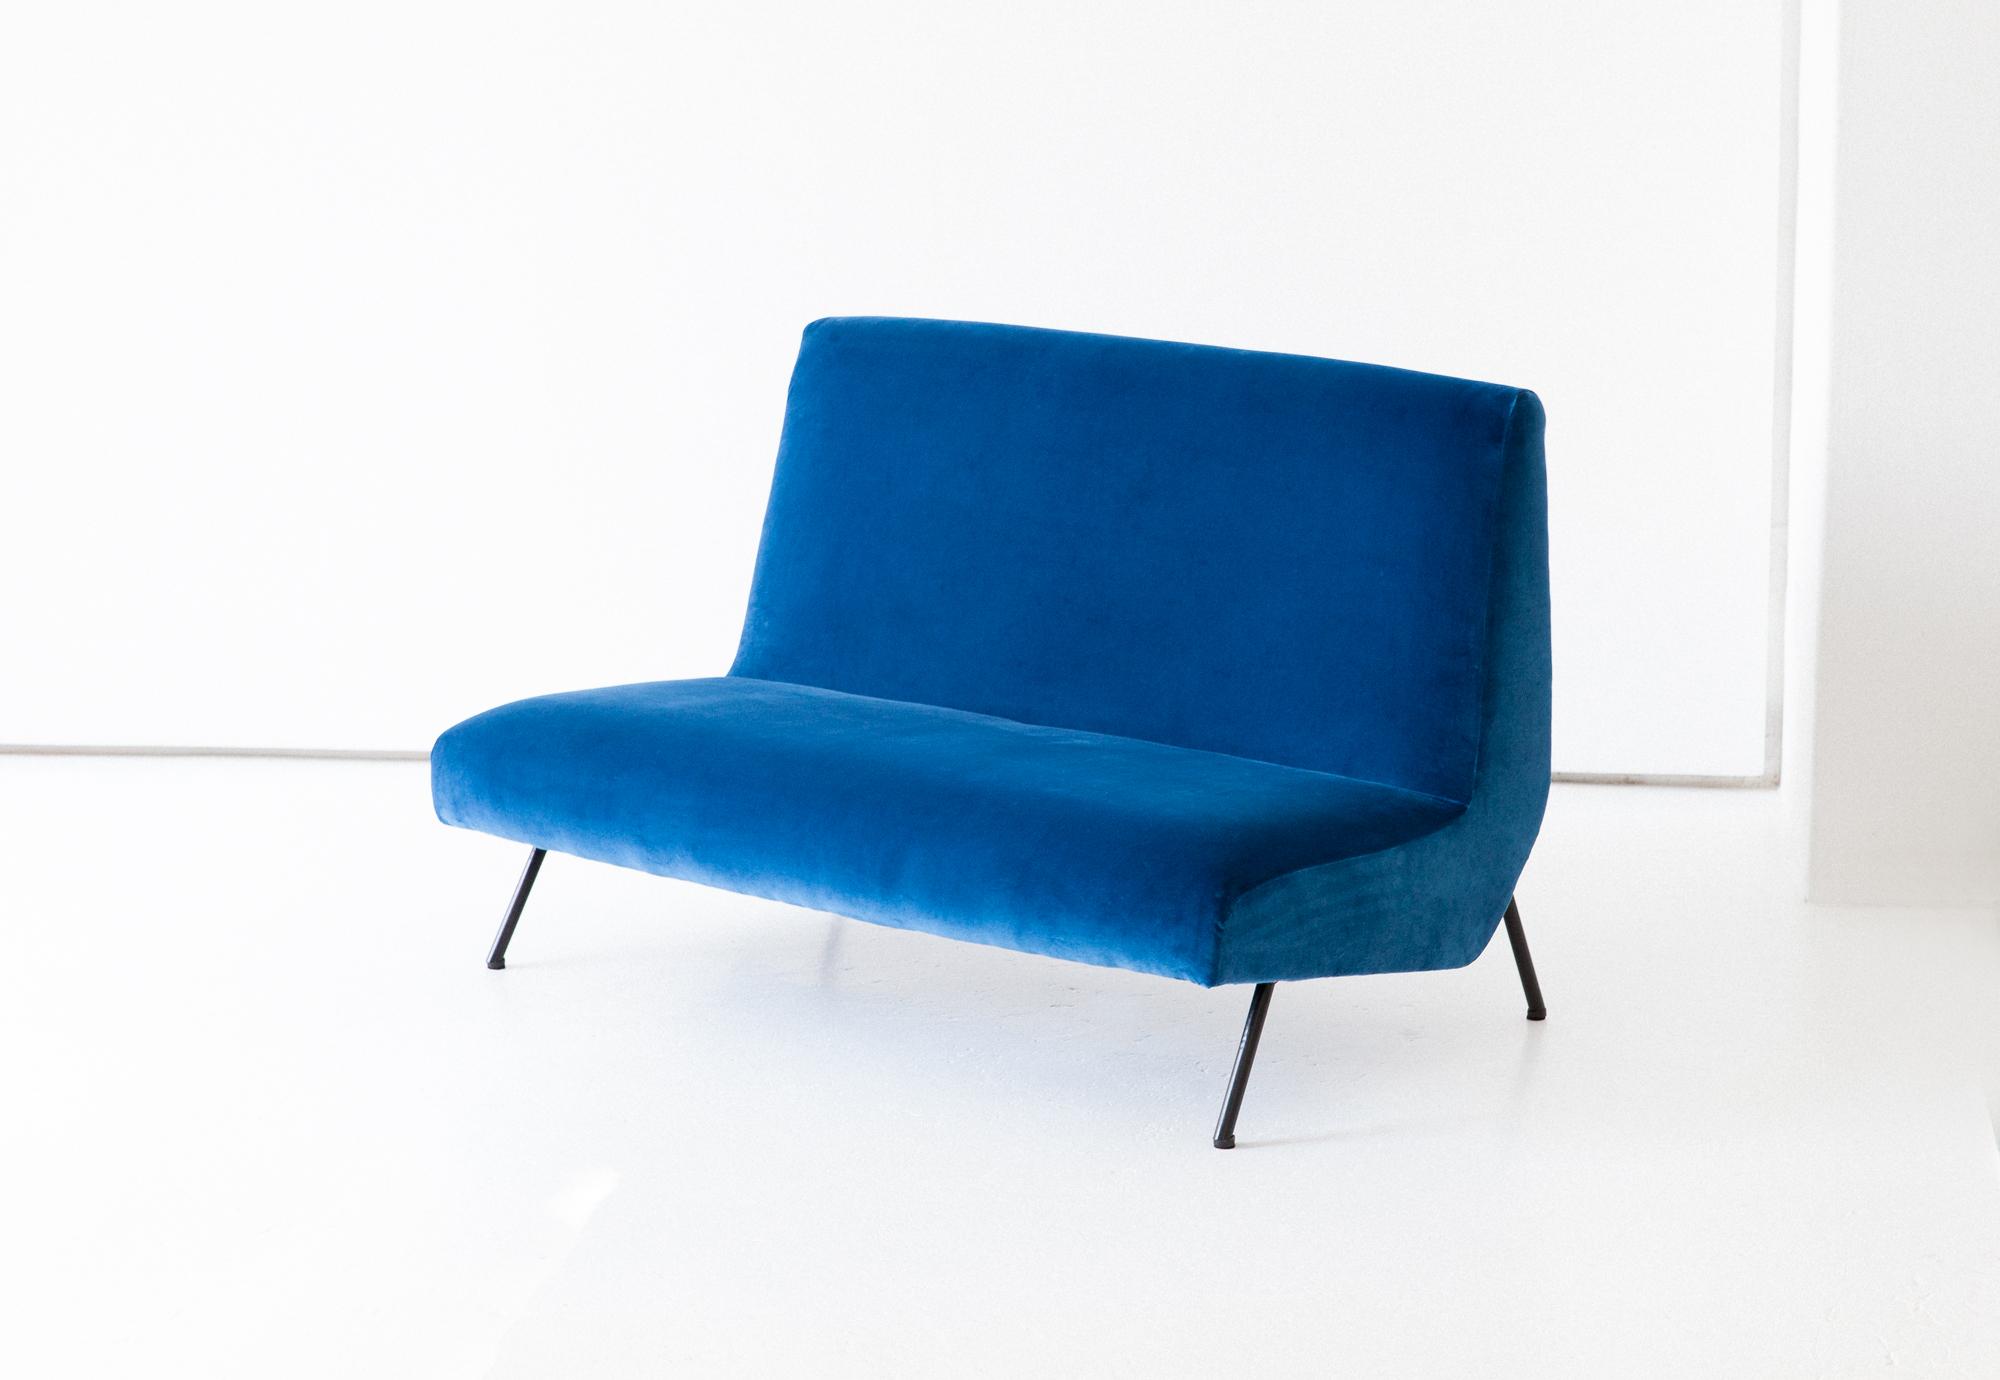 1950s-italian-blue-velvet-ultra-modern-sofa-2